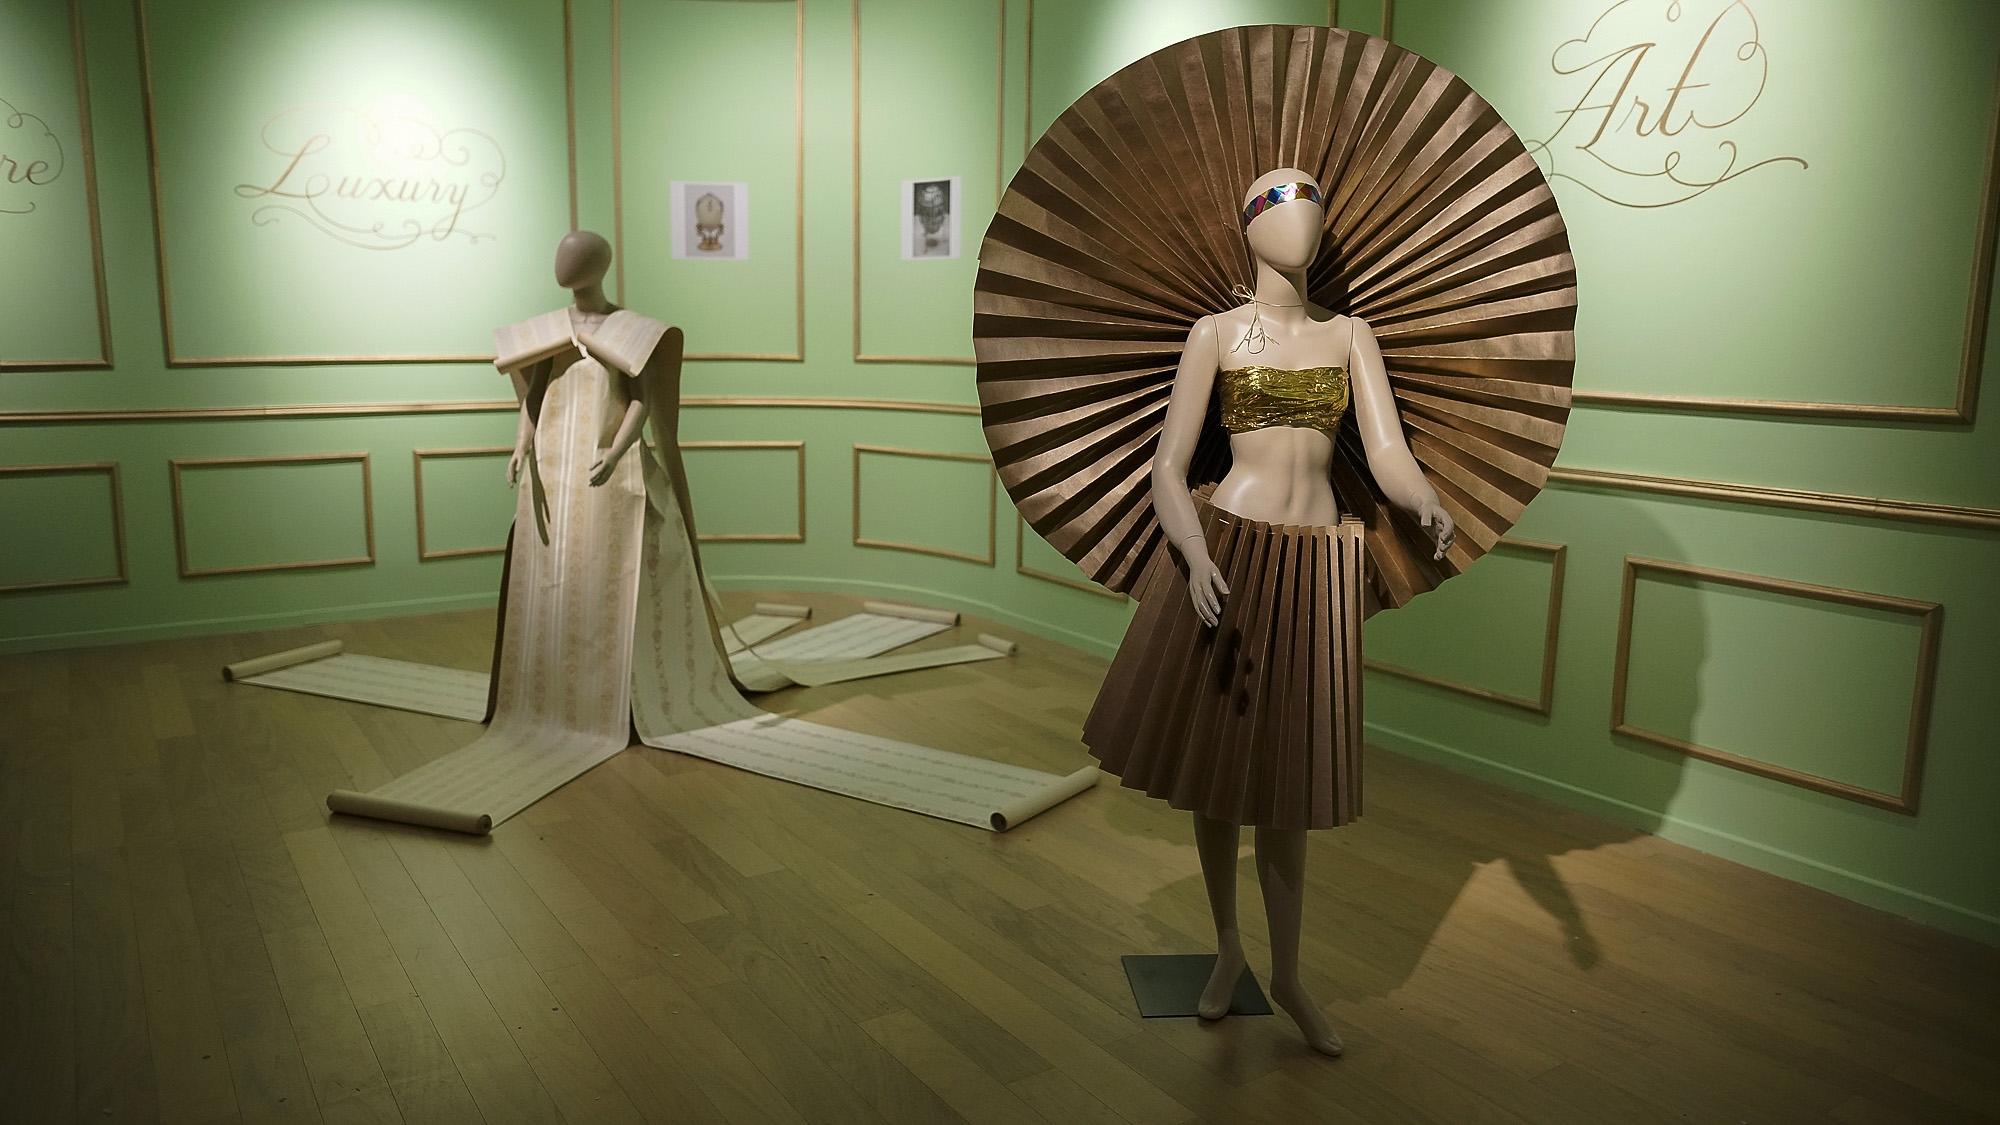 En sus pasarelas, los modelos bailaban y actuaban con las ropas que el artista había compuesto con retazos, prendas de segunda mano, papel y revistas. En la creación de estos diseños, hizo uso de técnicas como el ñandutí, el bordado, el patchwork y el reciclaje, entre otros